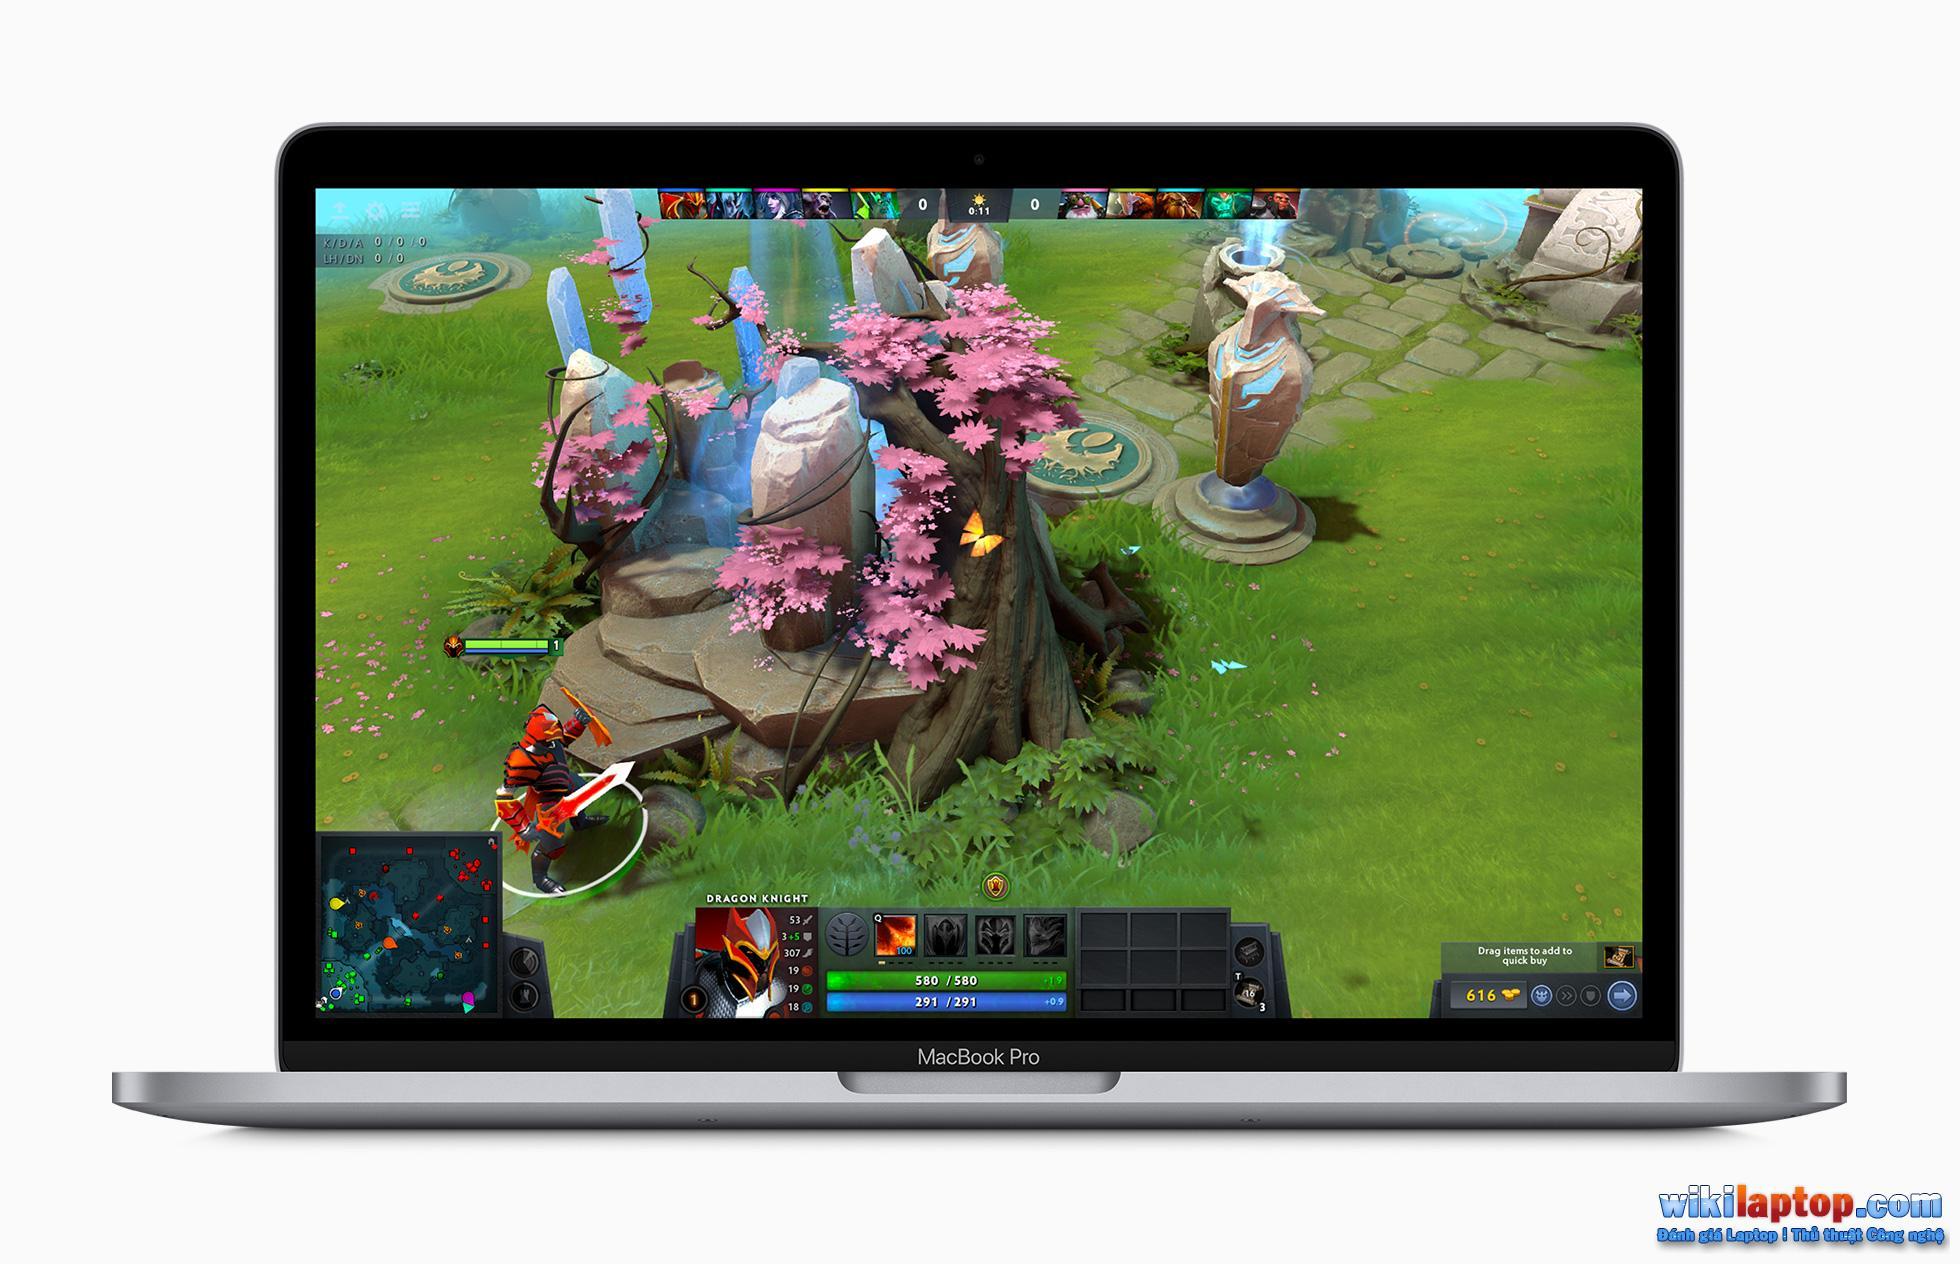 Sforum - Trang thông tin công nghệ mới nhất Apple_macbook_pro-13-inch-with-dota-2-game_screen_05042020 MacBook Air 2020 và MacBook Pro 2020 13 inch: Tùy chọn nào phù hợp với chi phí và nhu cầu?